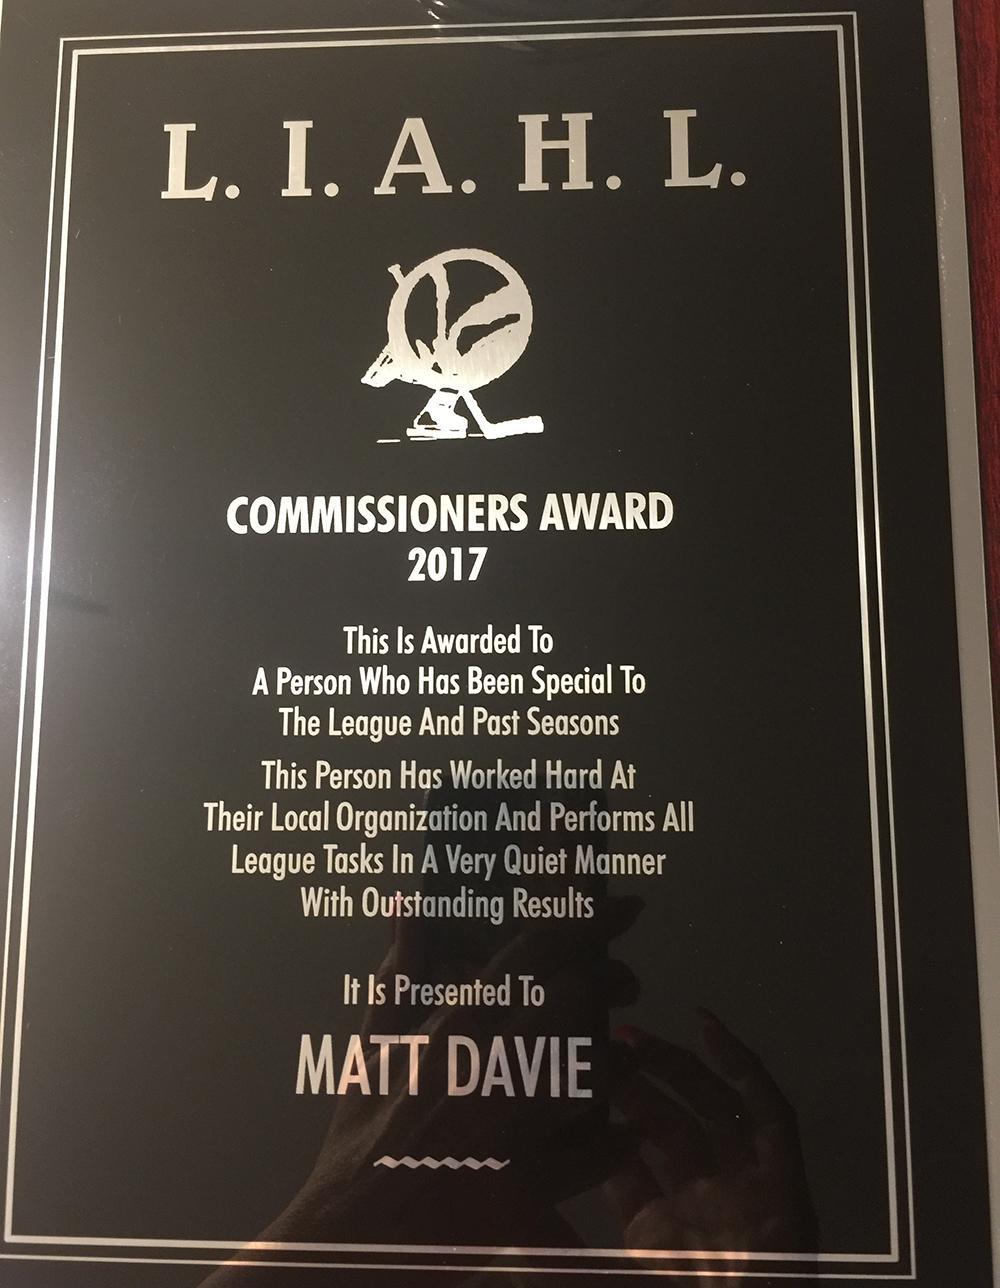 Matt Davie - Commissioner of the year Award